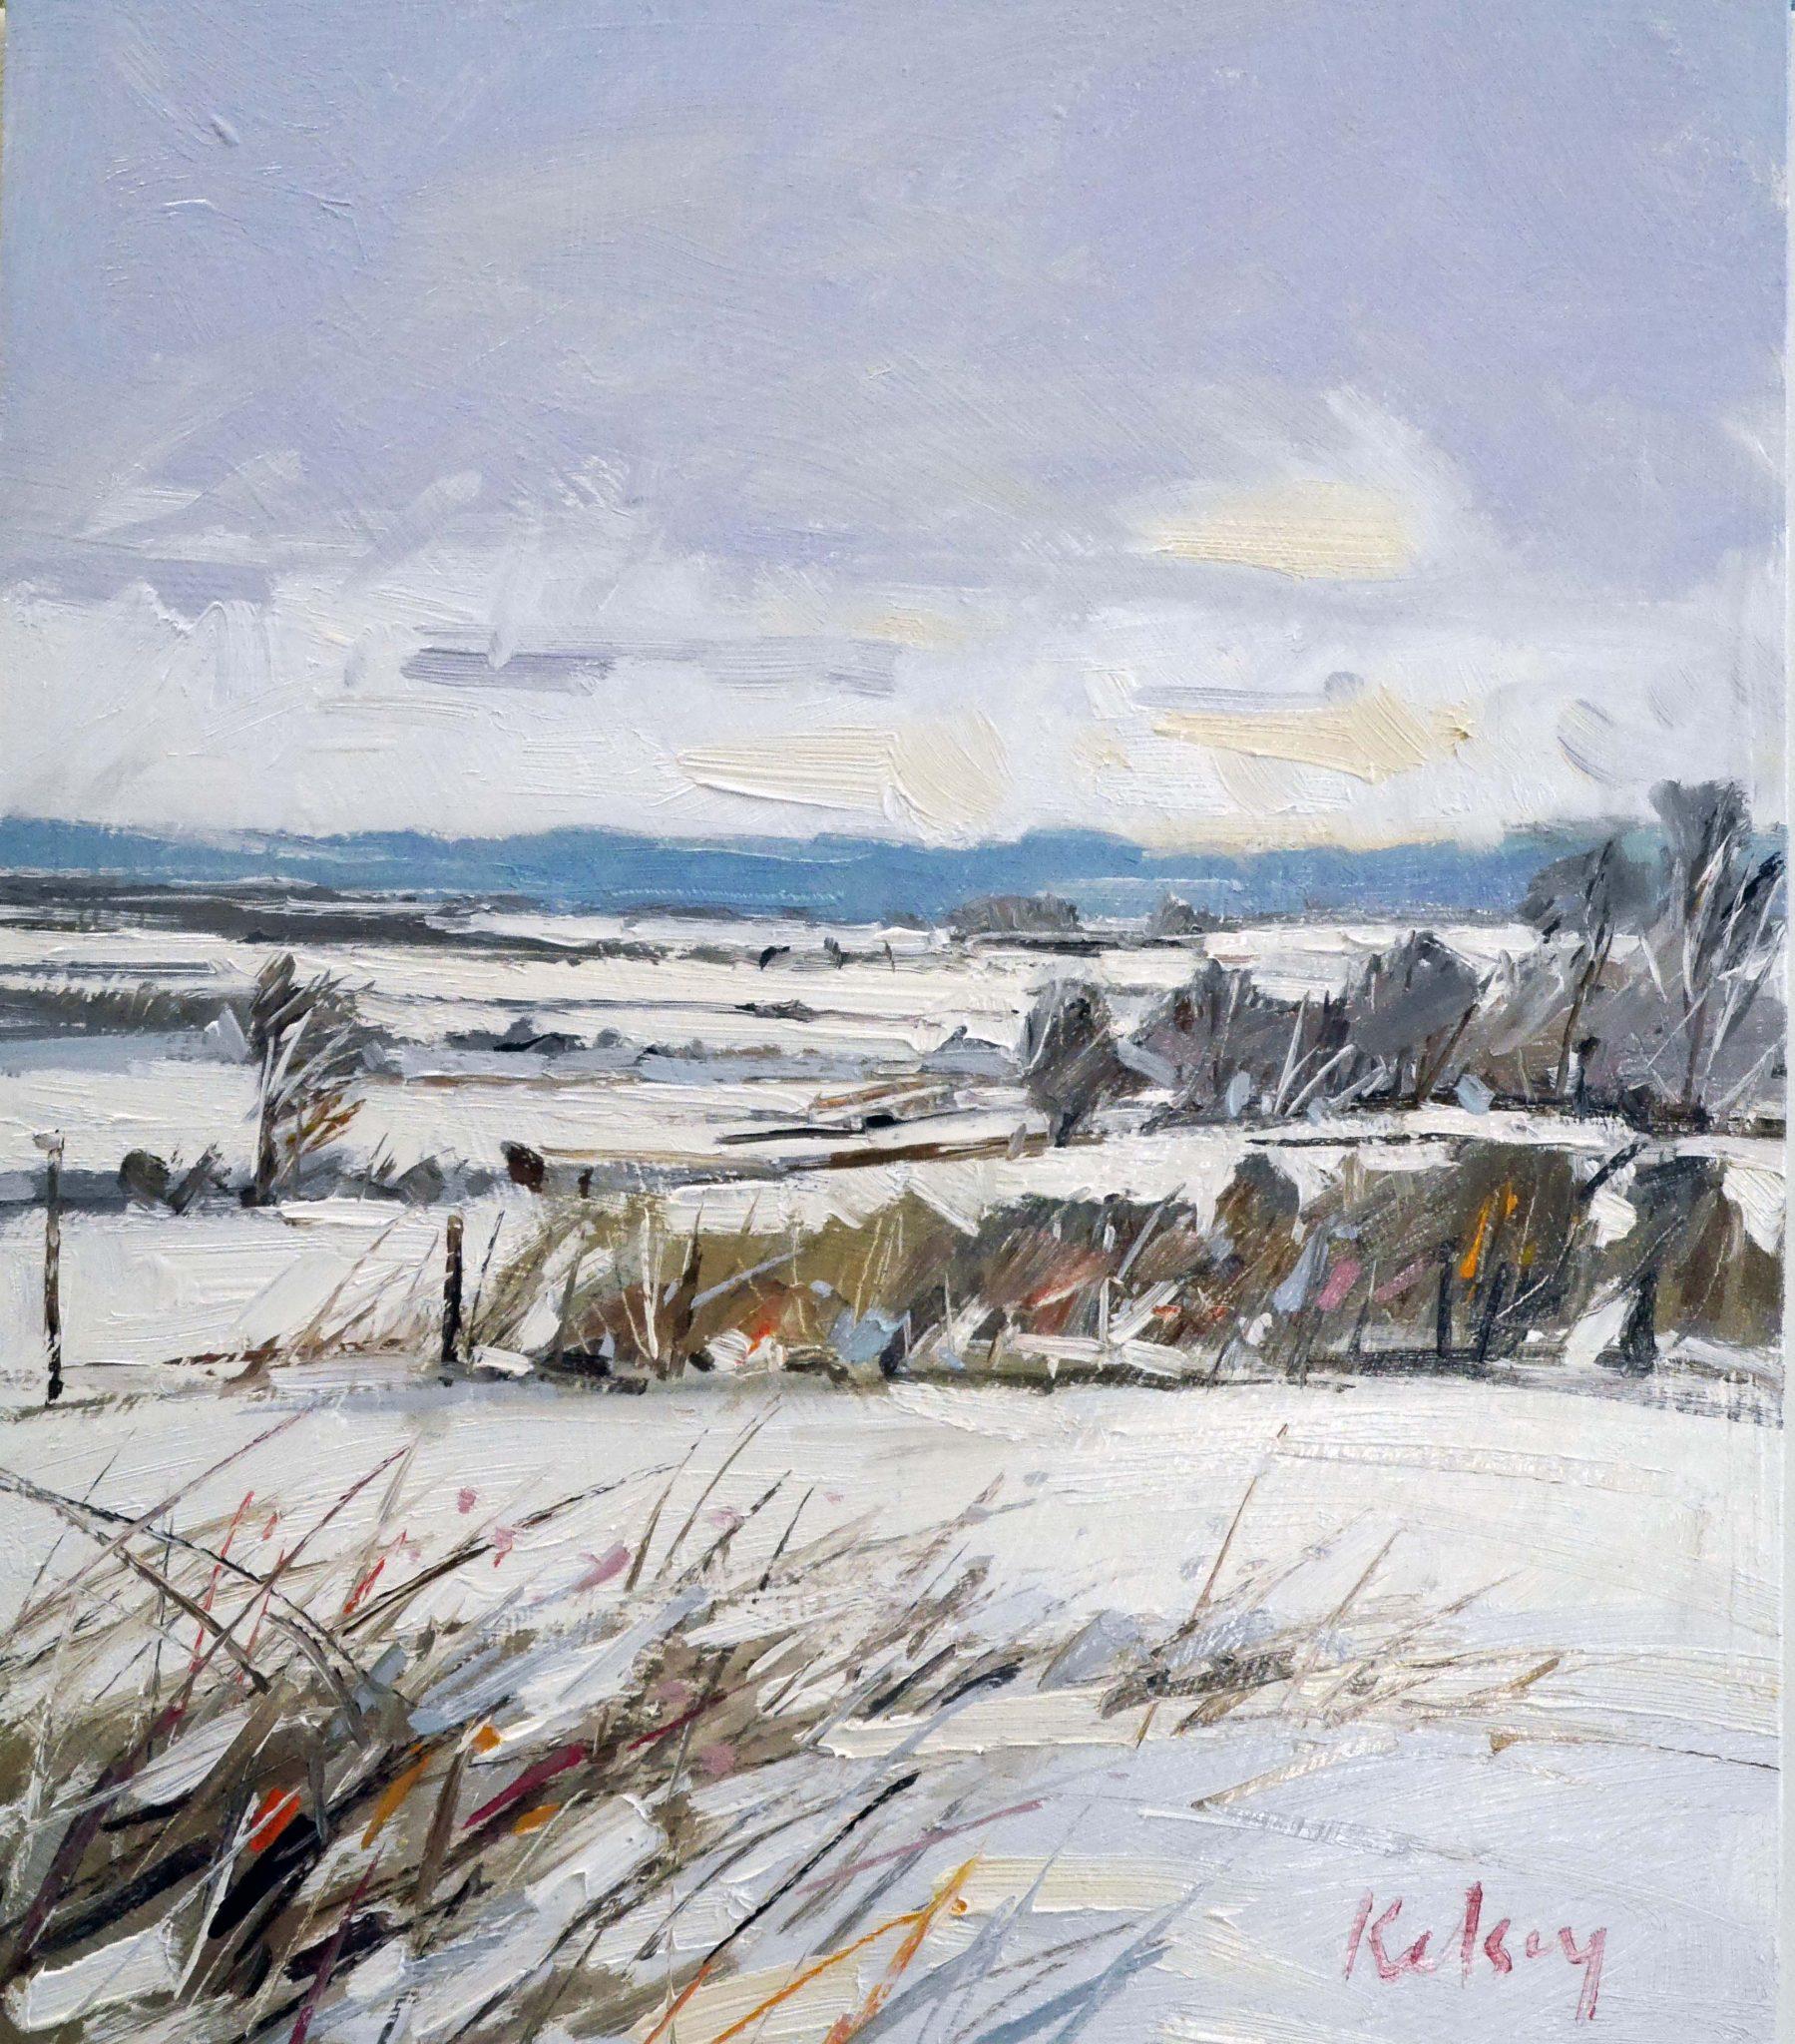 Snowy Landscape, Renfrewshire